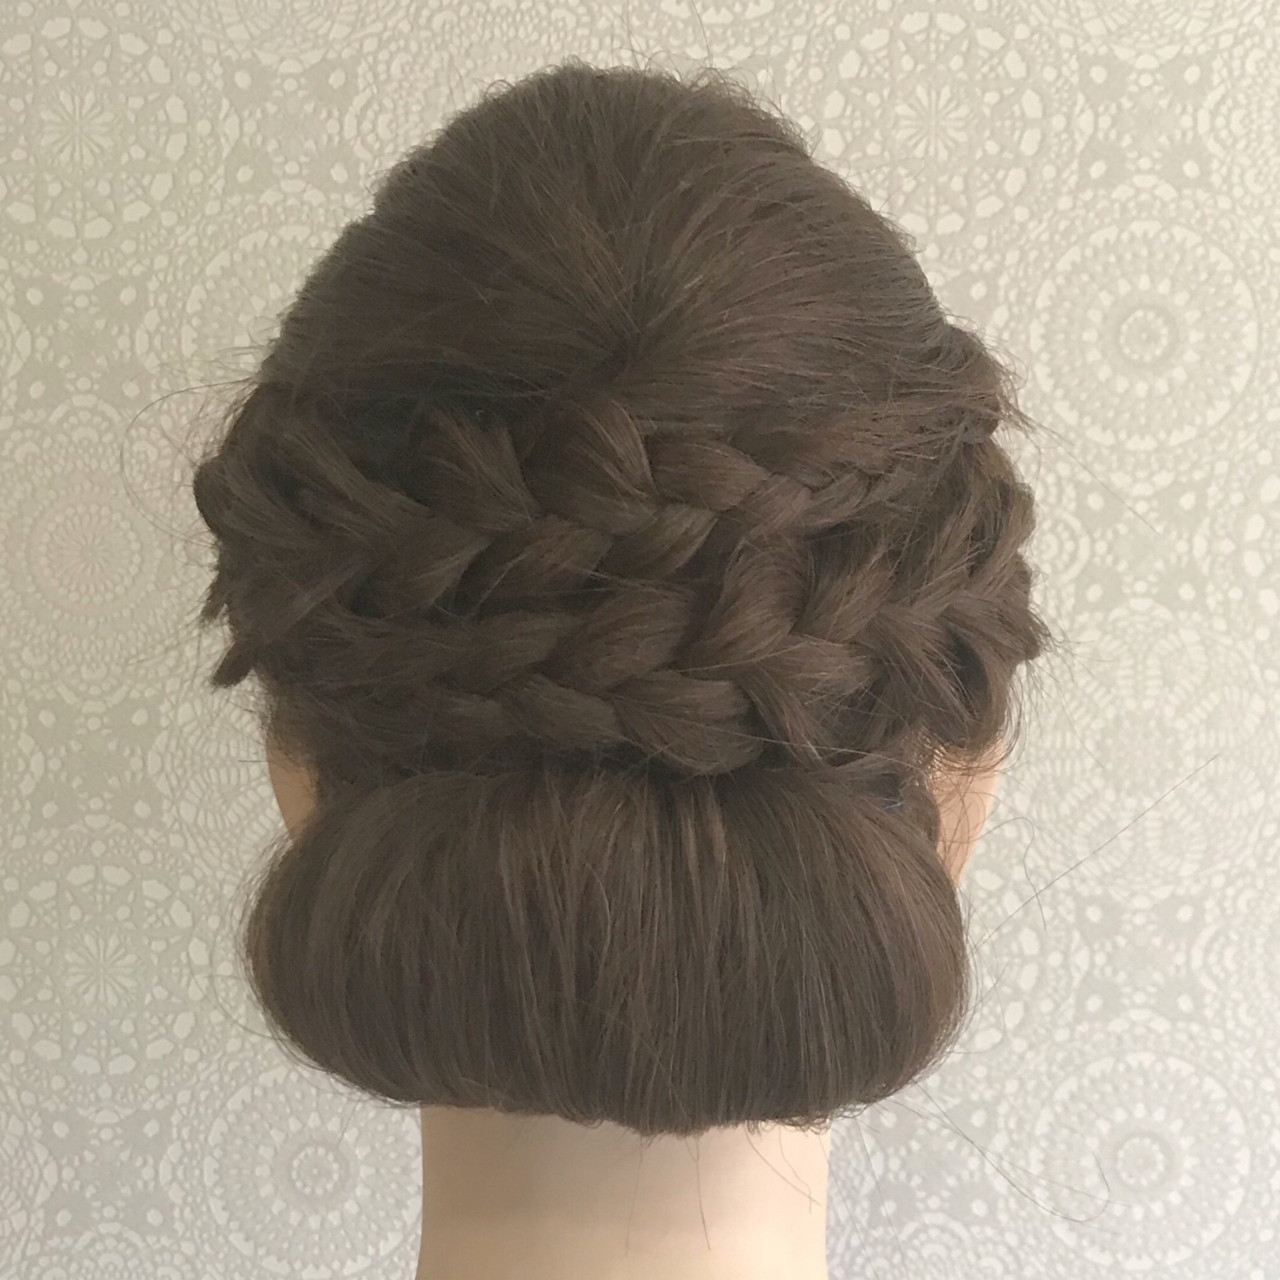 パーティ エレガント 結婚式 上品 ヘアスタイルや髪型の写真・画像